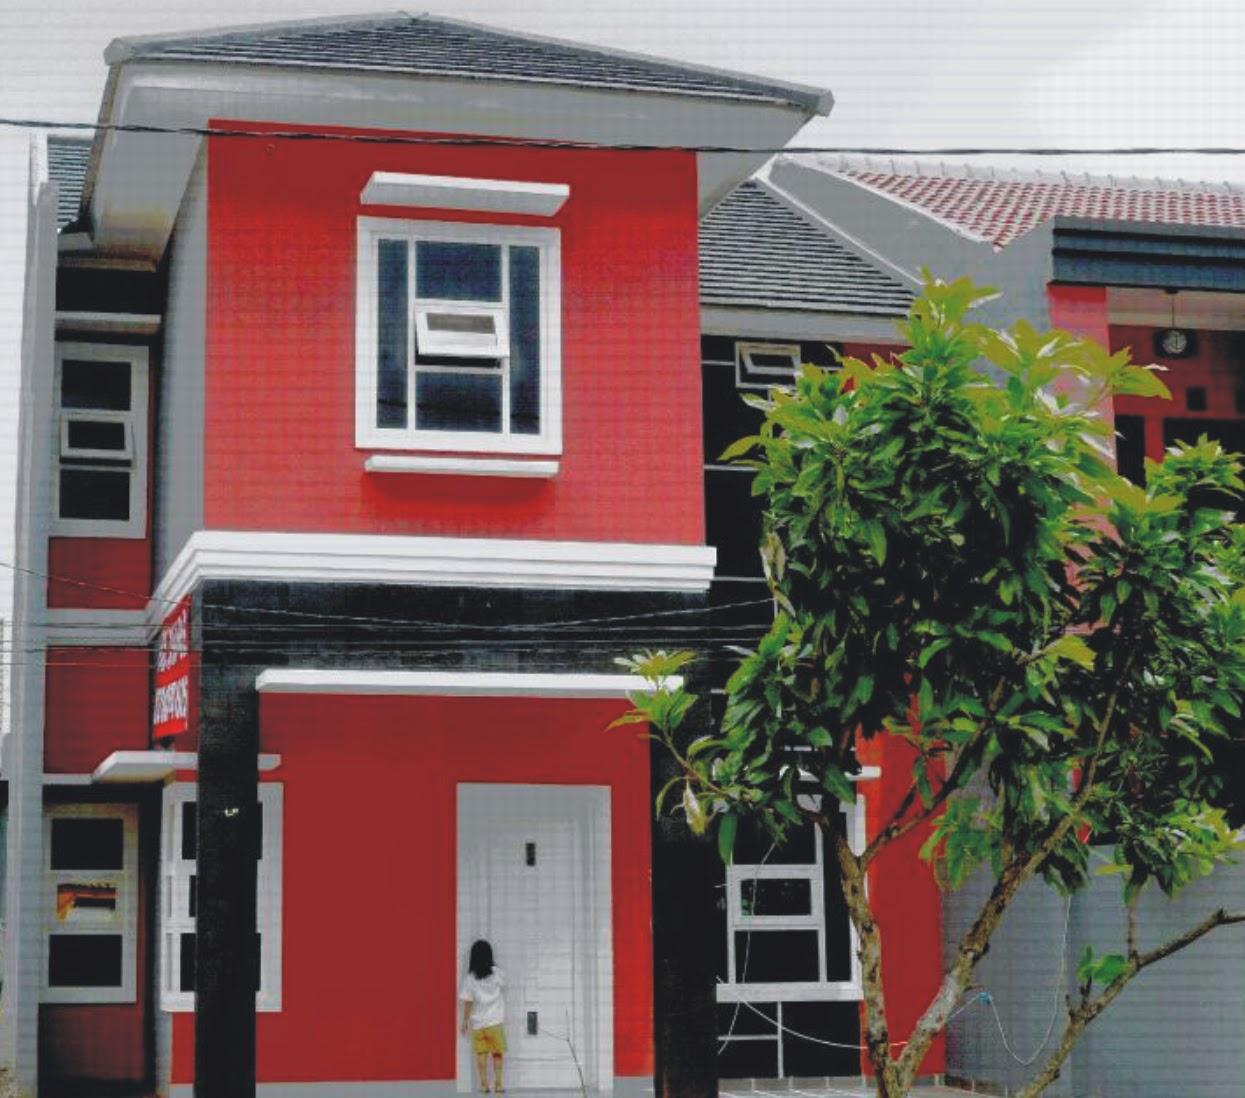 Rumah Minimalis Kombinasi Cat Warna Merah